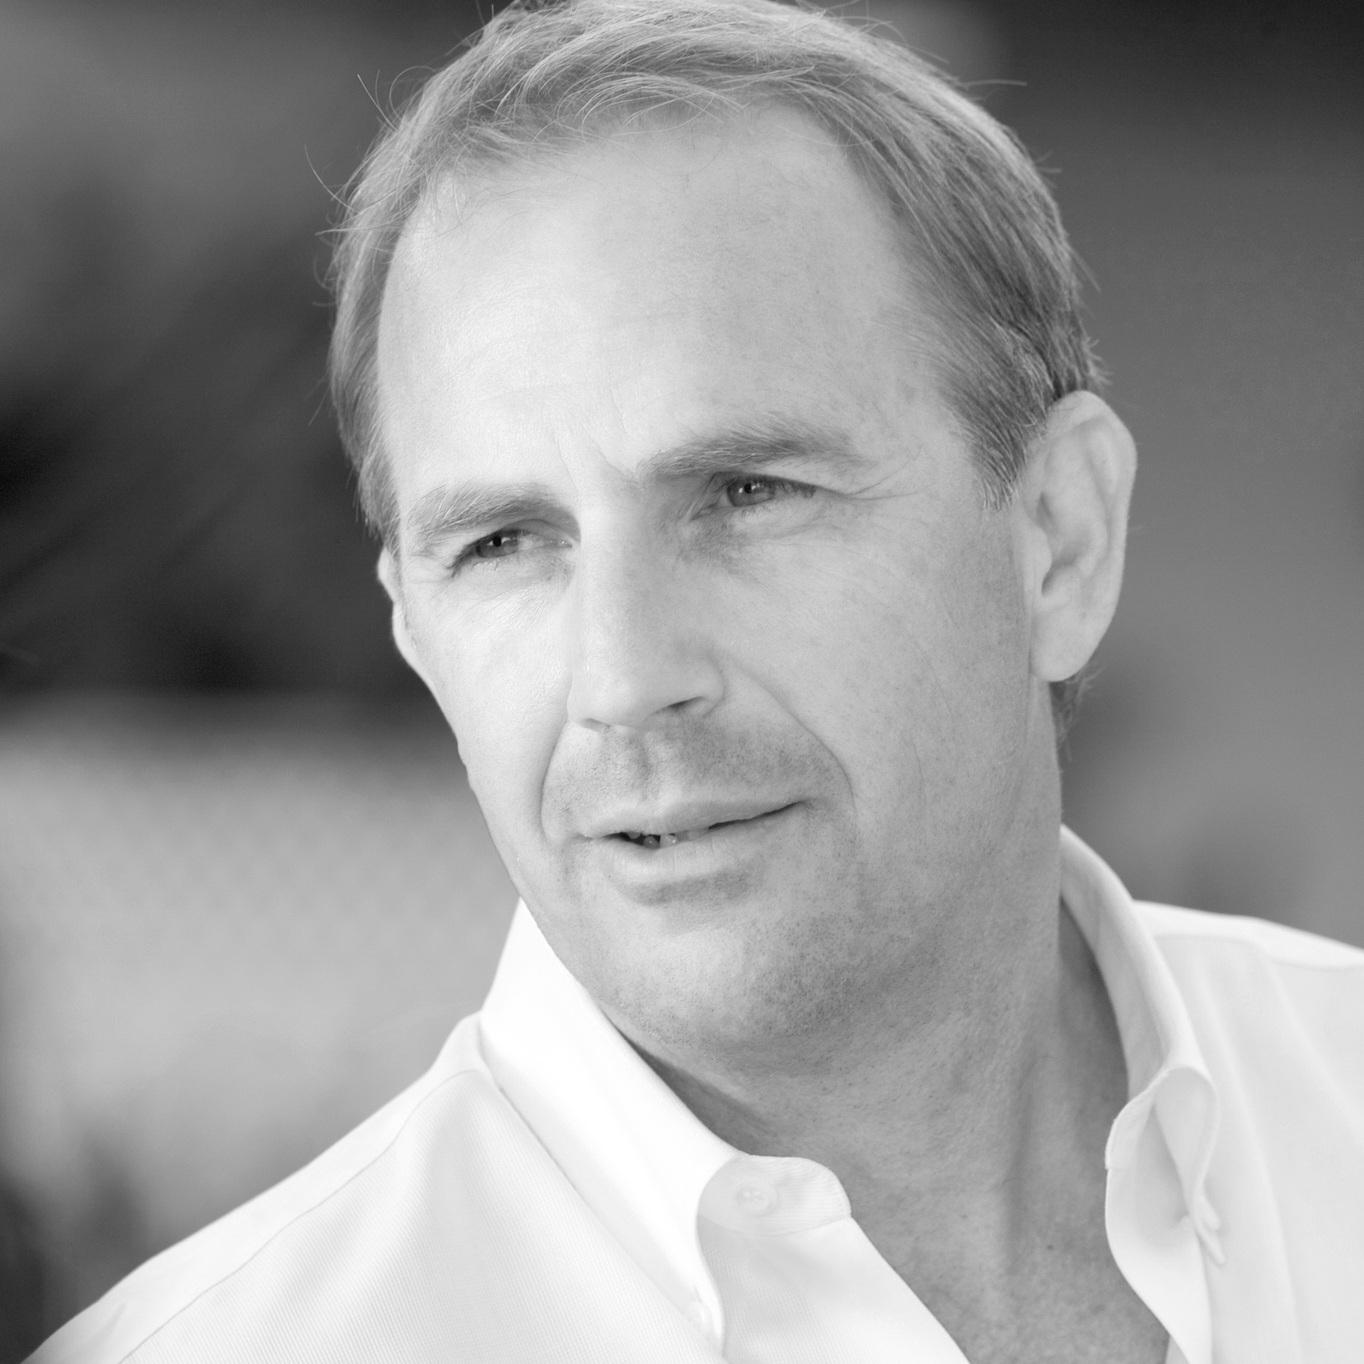 Kevin Costner - Actor, director, producer, musician, singer